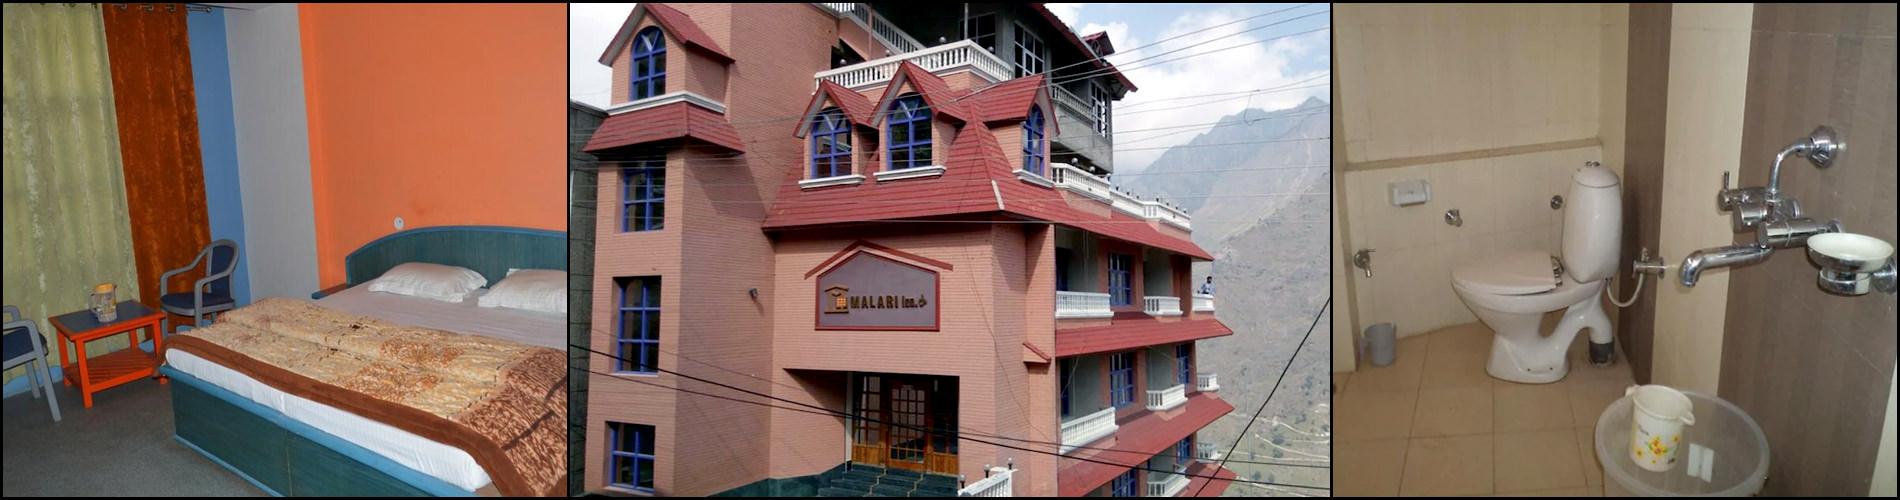 Hotel Malari Inn